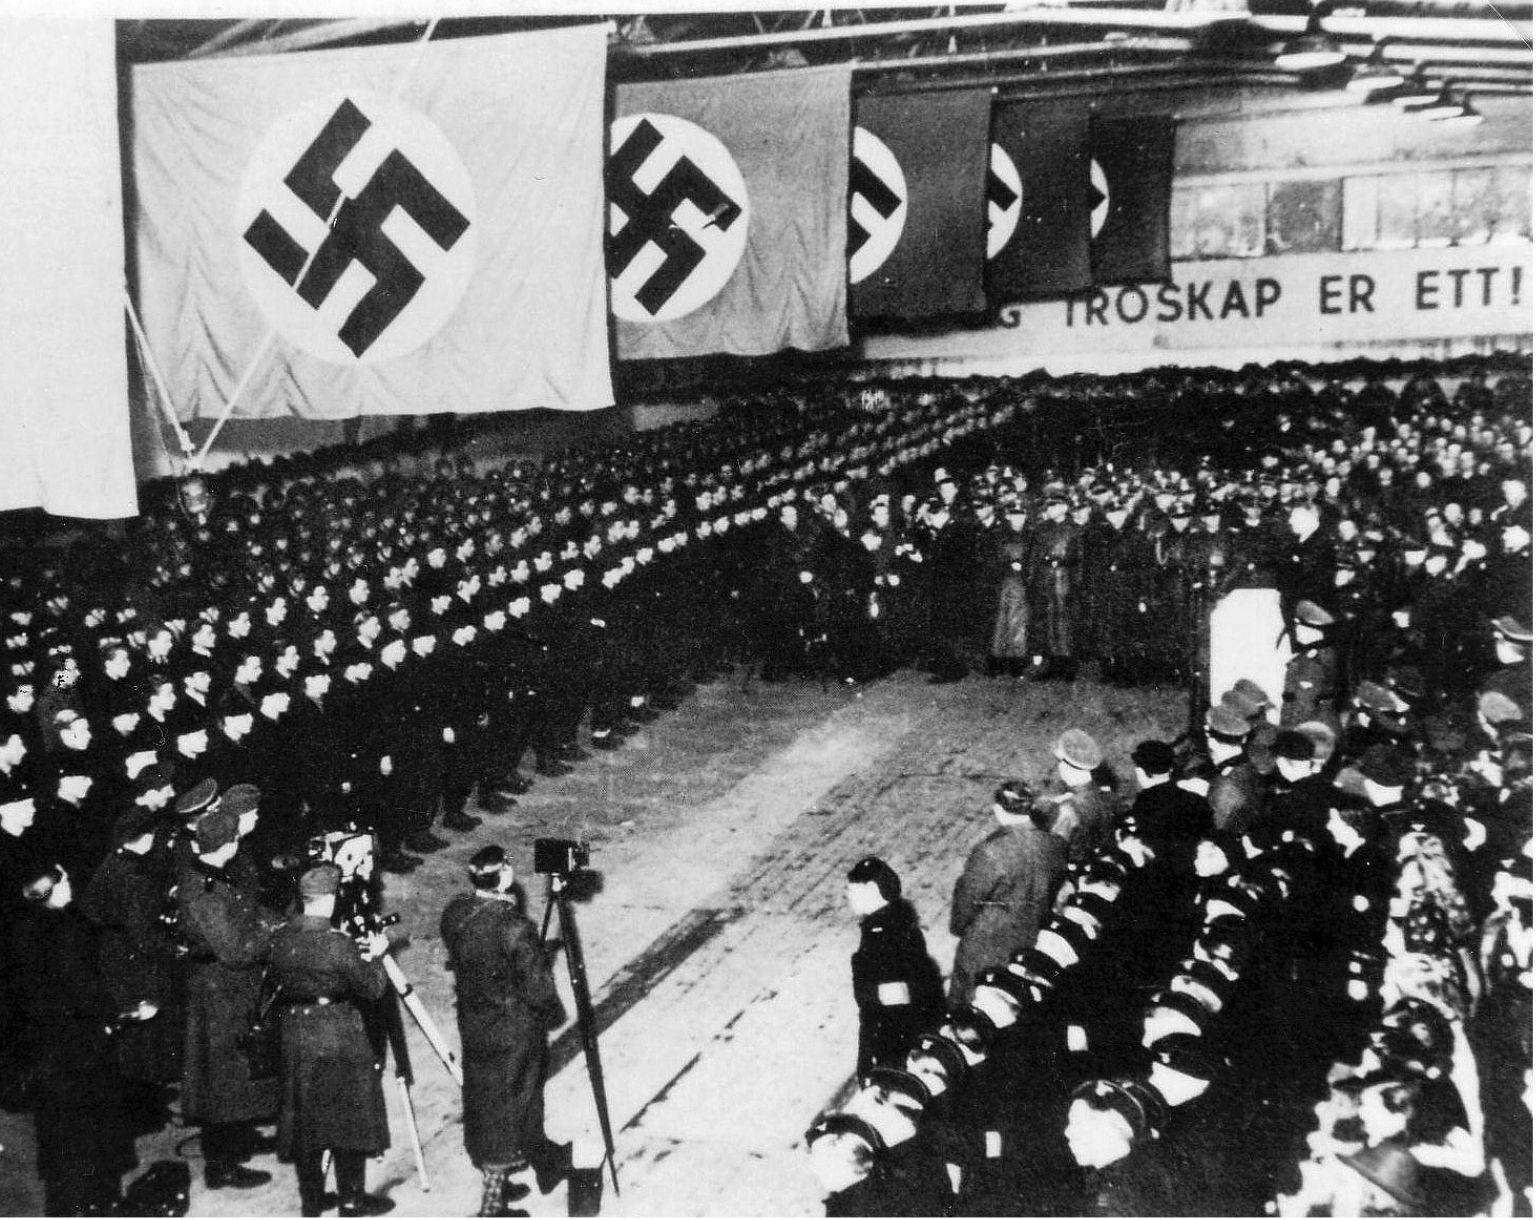 VILLE SLÅSS FOR HITLER: Oppstilling for norske rekrutter som har vervet seg som frivillige til Wafffen-SS og 5. SS-Division Wiking. Hippodromen på Vinderen i Oslo er pyntet. Hirden og tyske soldater står æresvakt. Pressen er også til stede. Foto: FRA «DERES ÆRE VAR TROSKAP»/VEGA FORLAG/GEIR BRENDENS ARKIV